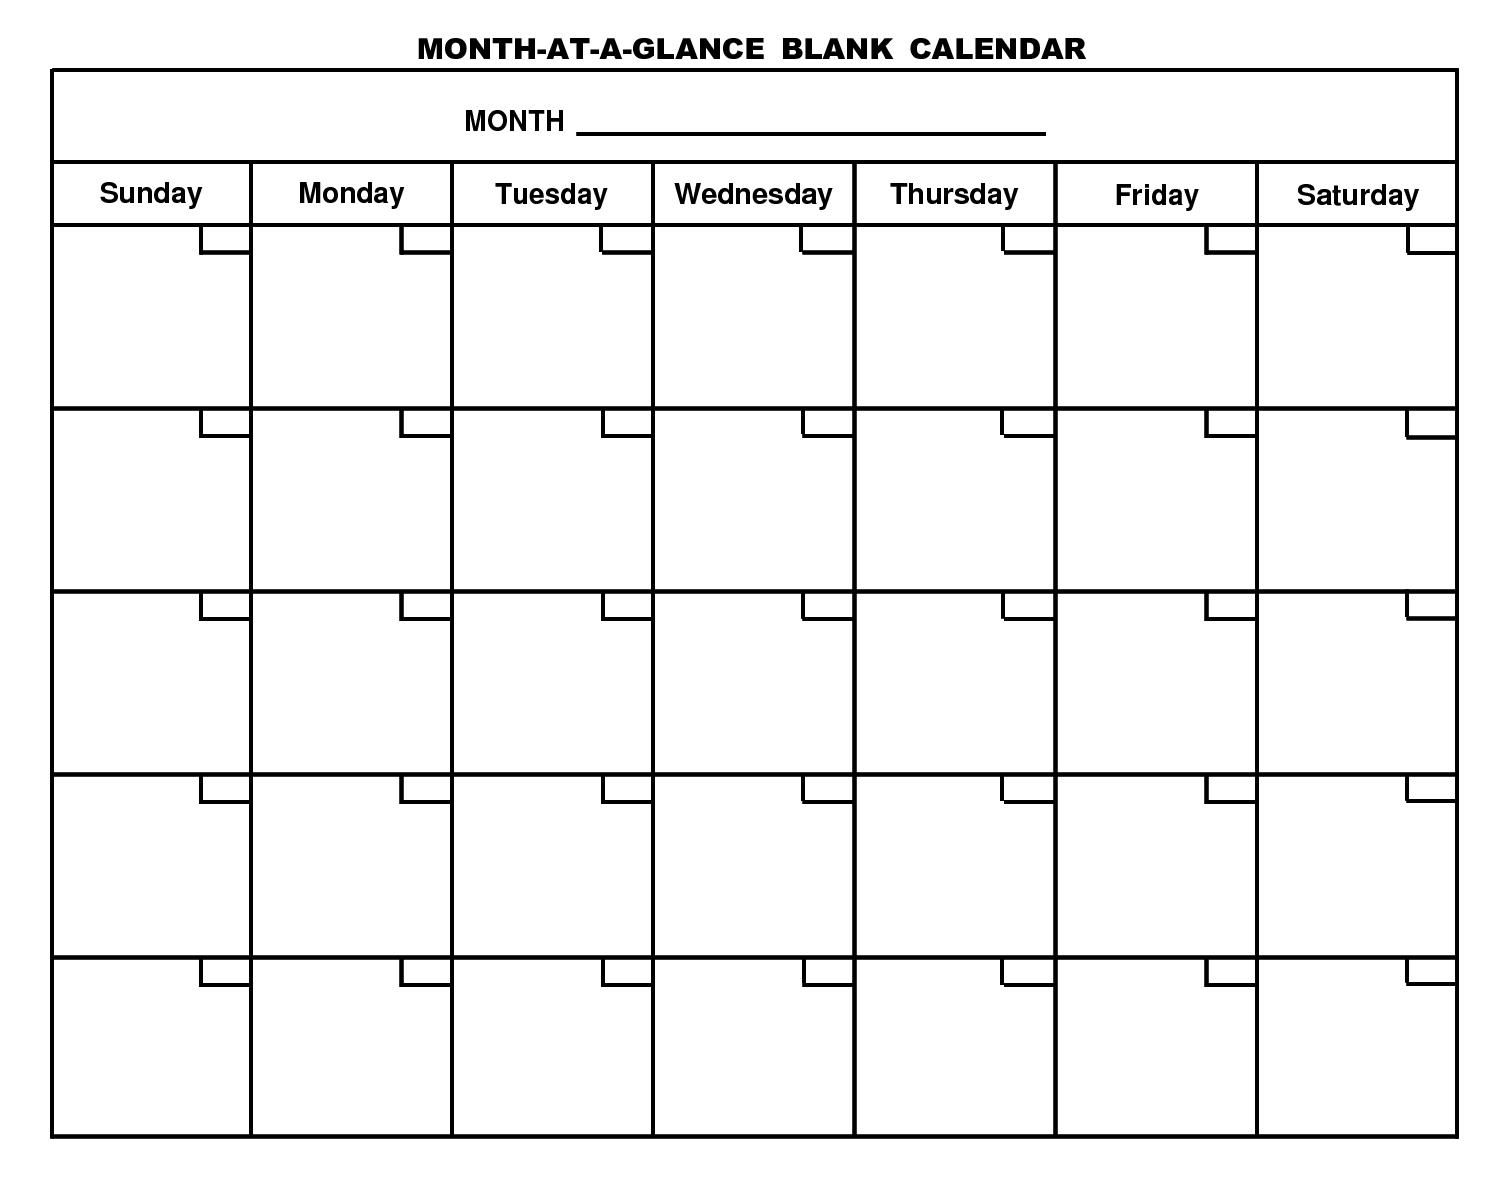 Monthly Calendar At A Glance | Convert Calendar Date To for Convert Julian Date To Calendar Date In Excel